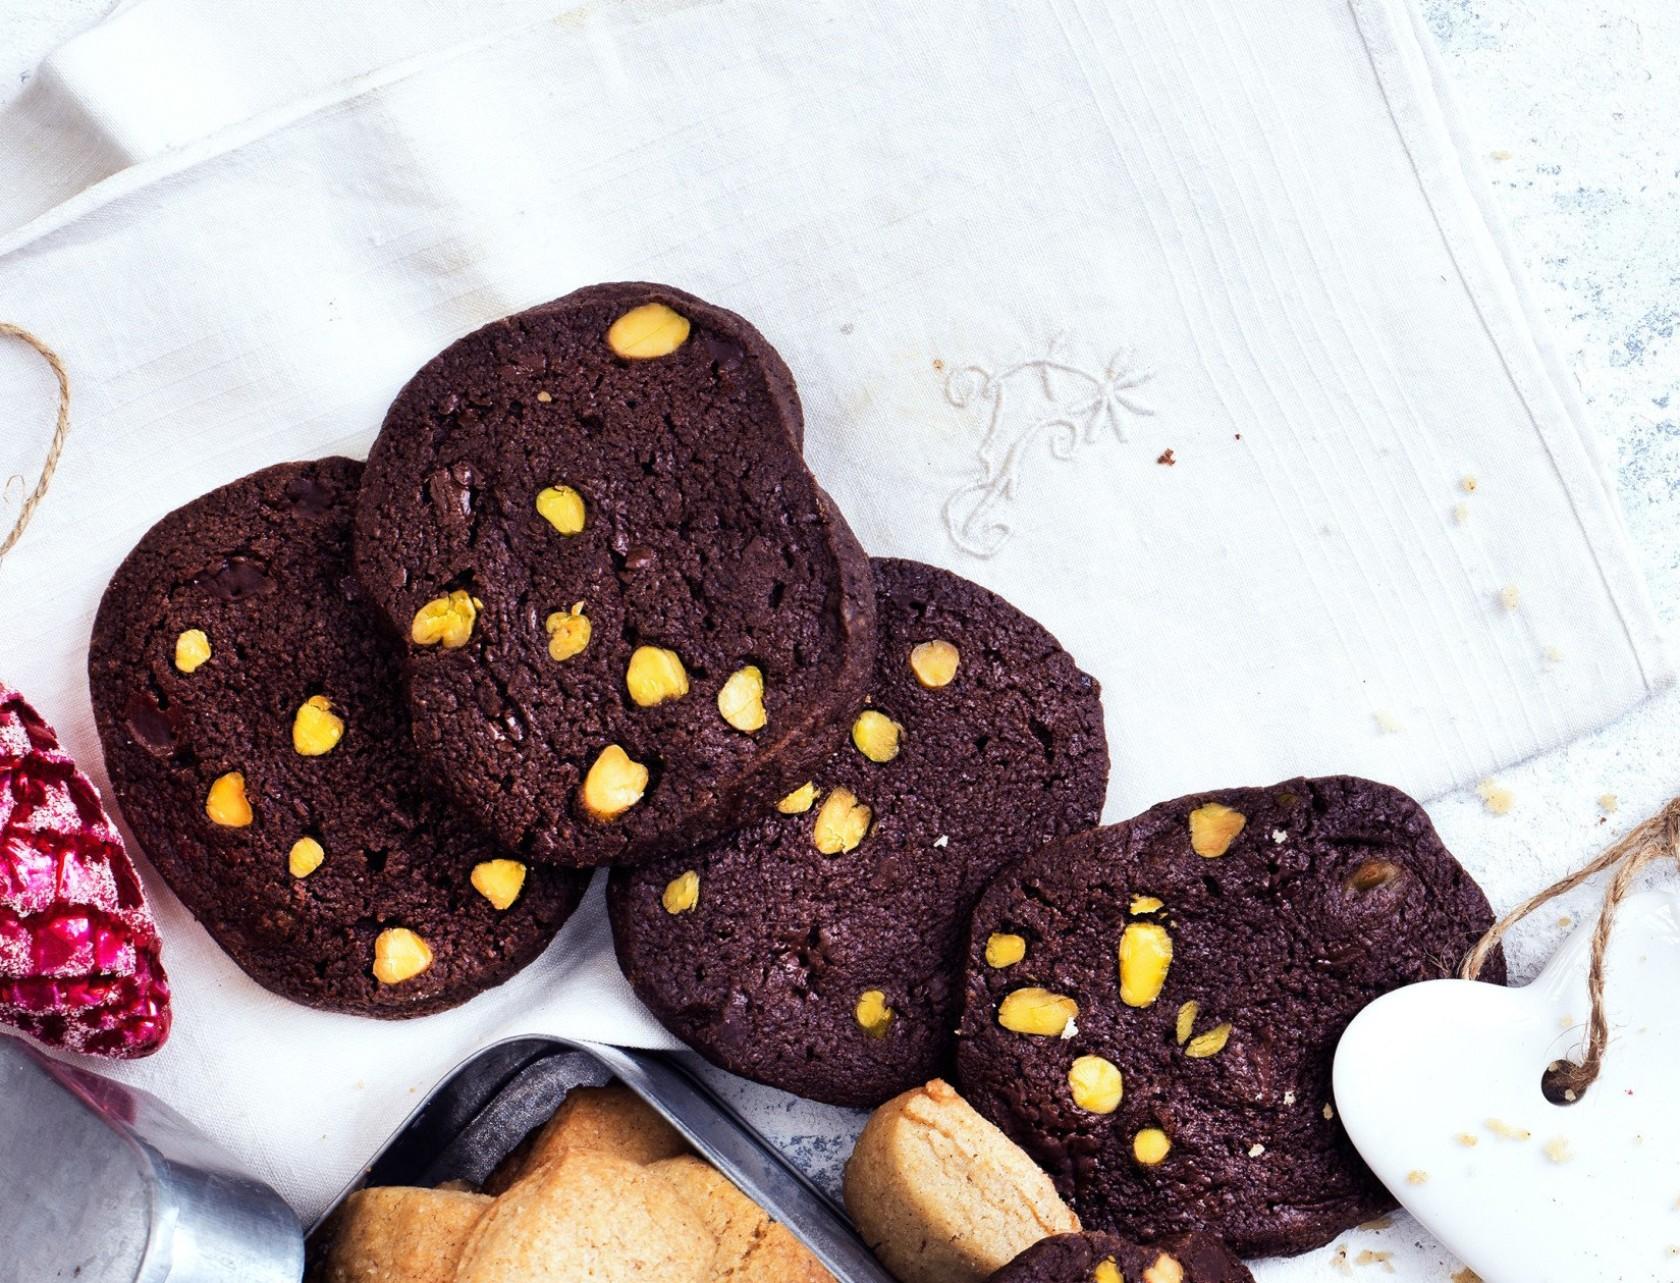 Chokoladespecier med nødder